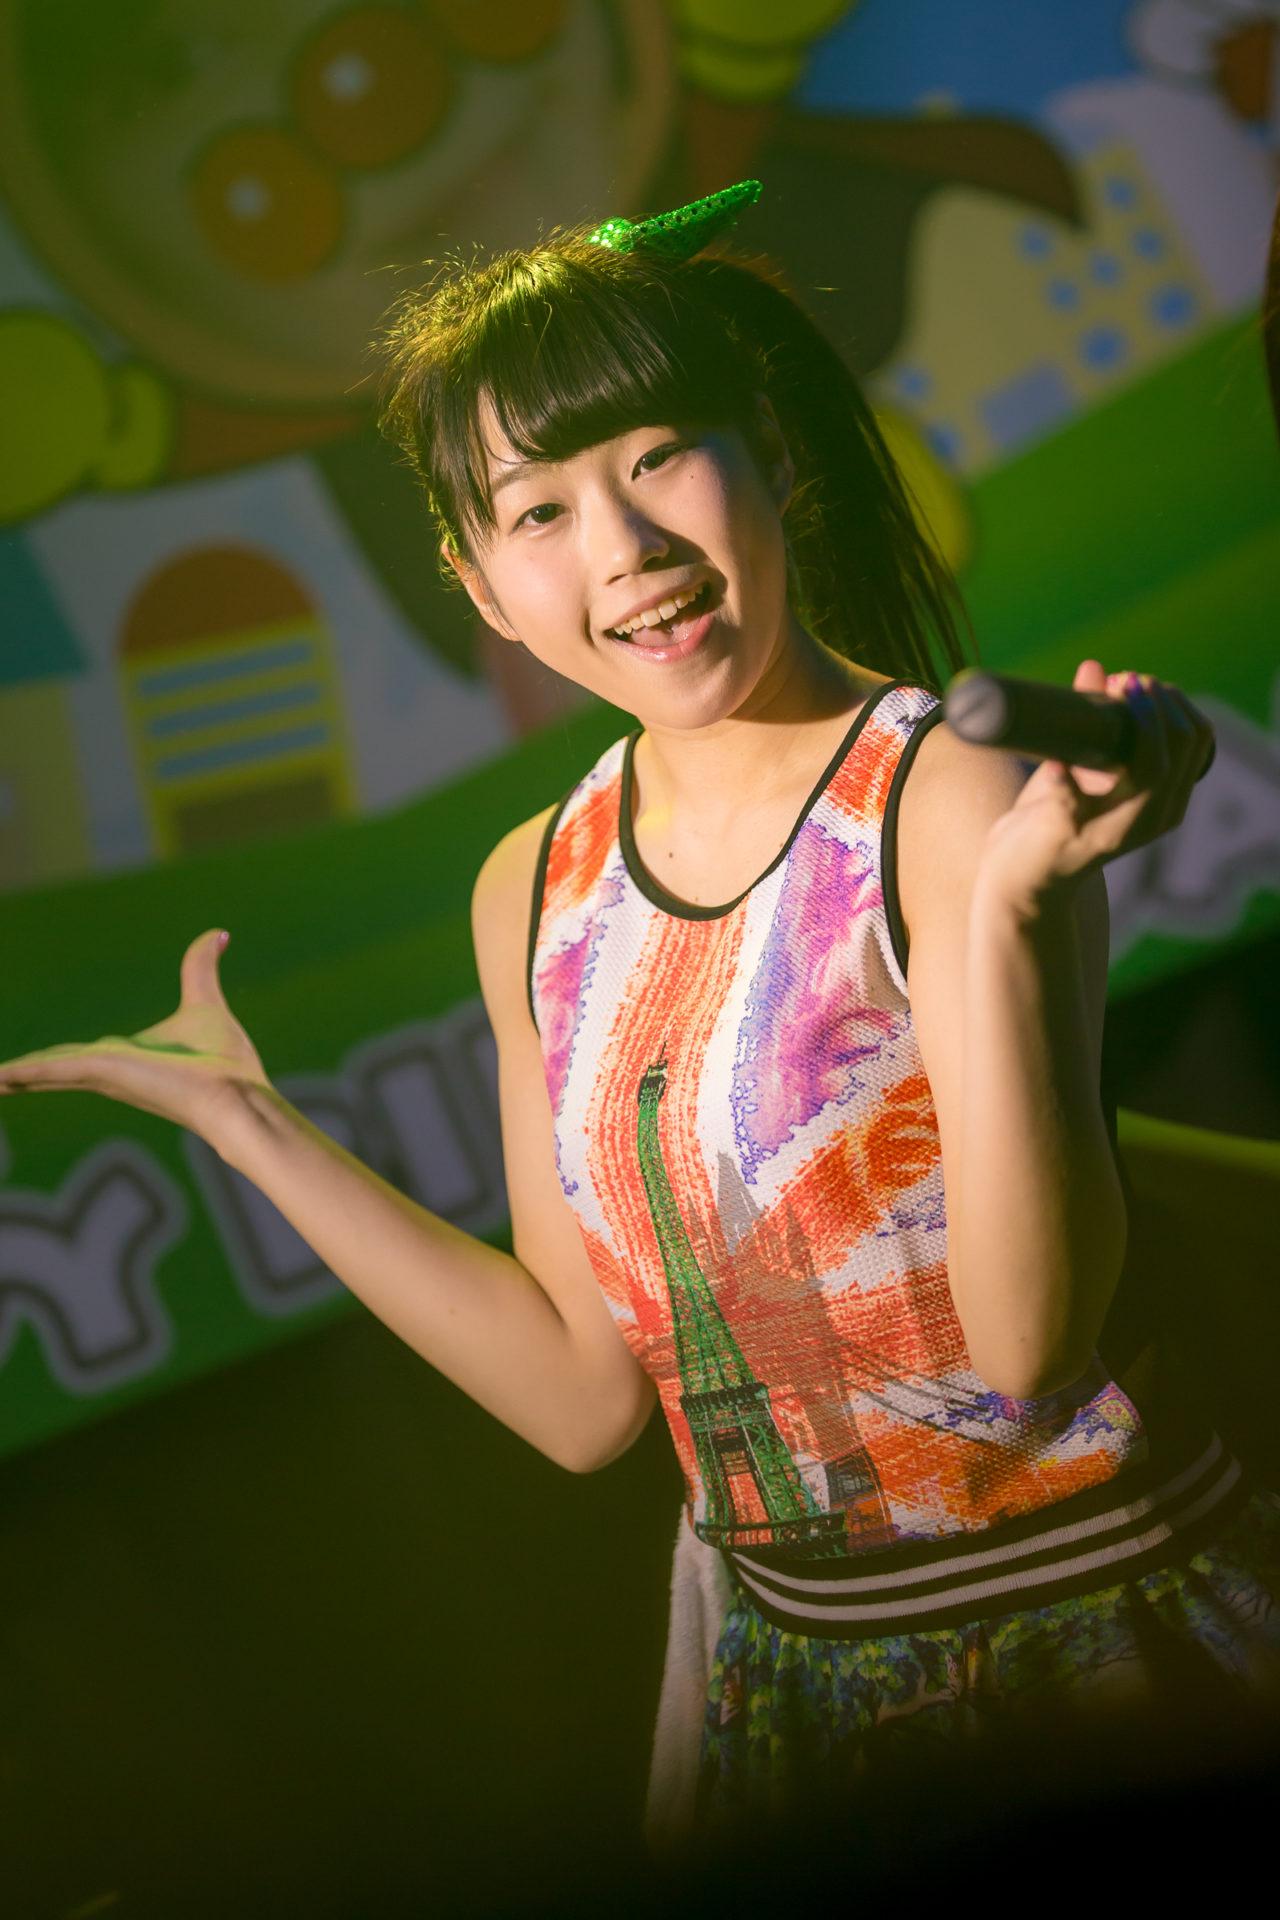 POPPING☆SMILE あすか ( 橋本明日香 ) | ハピパvol.25〜ゆいな生誕〜